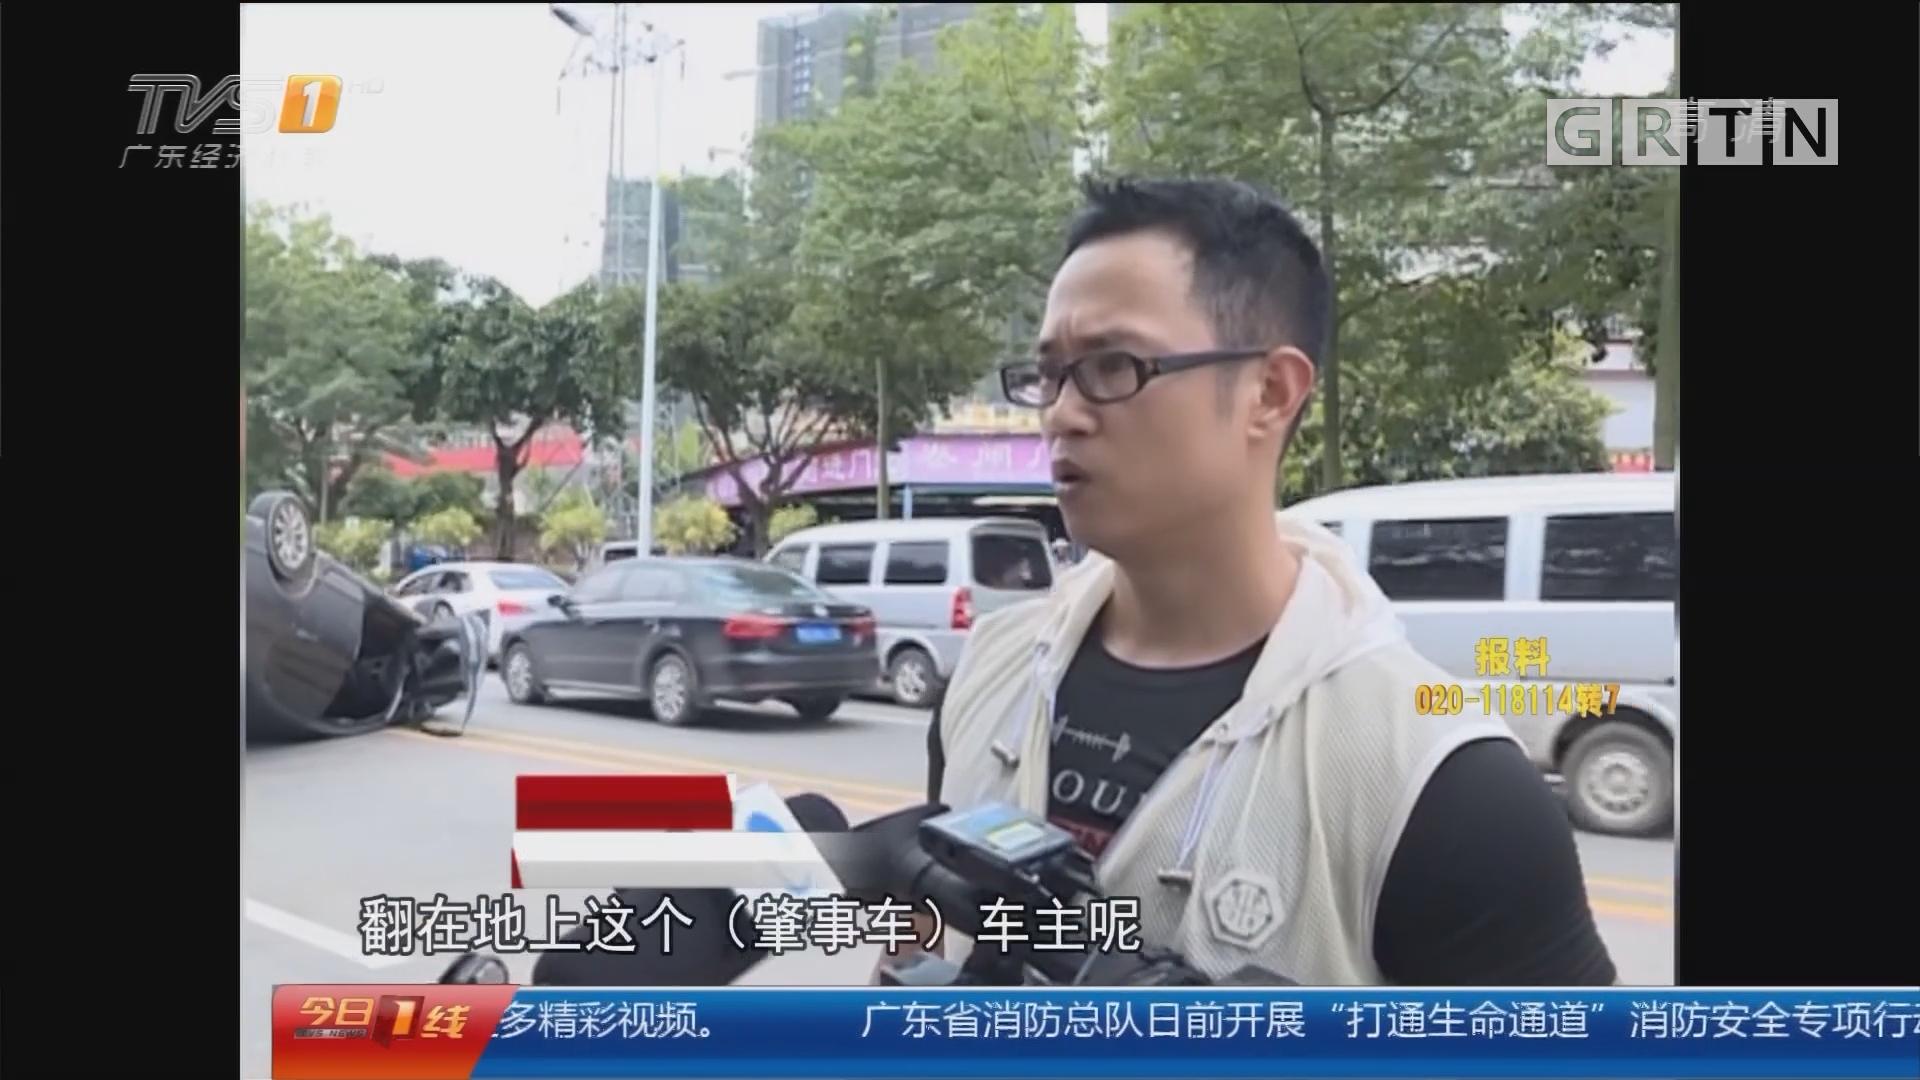 广西柳州:小车闹市狂奔连撞数车 司机逃逸